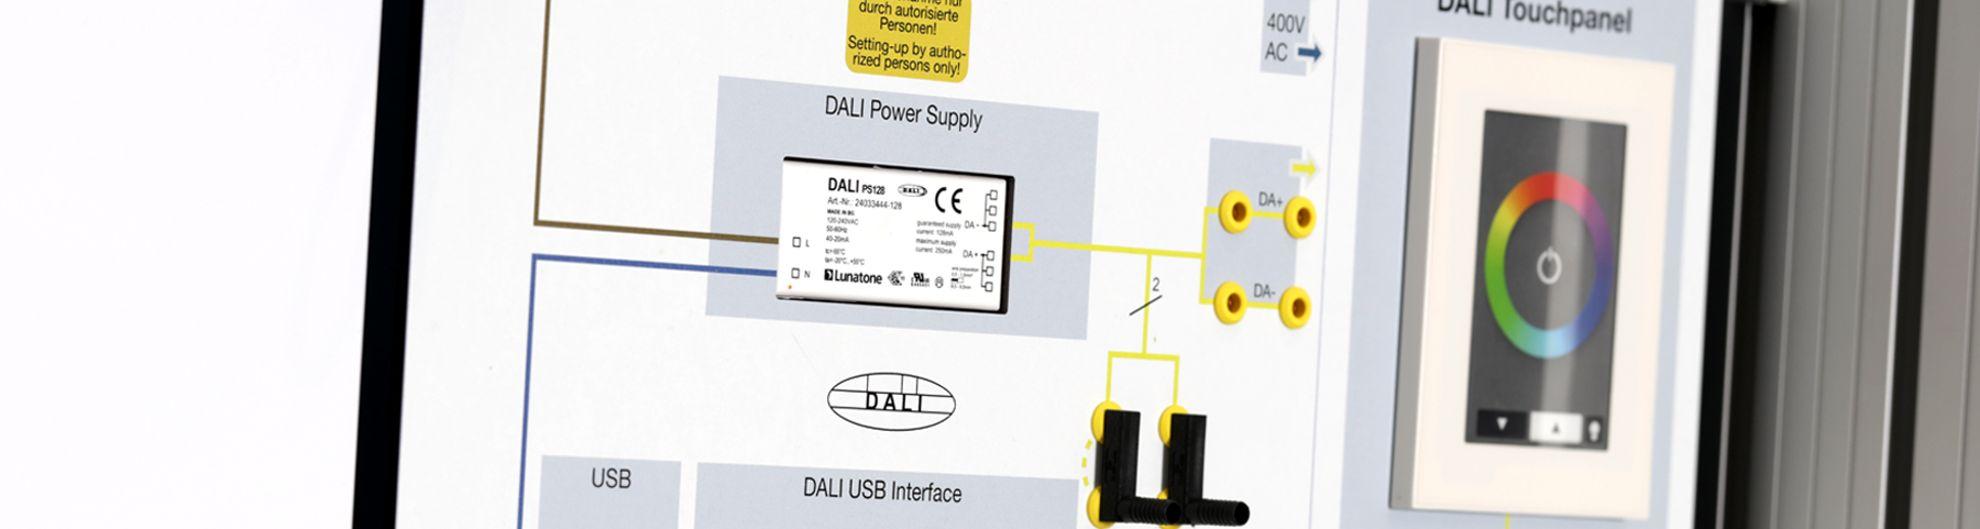 Beleuchtung DALI-Steuerung